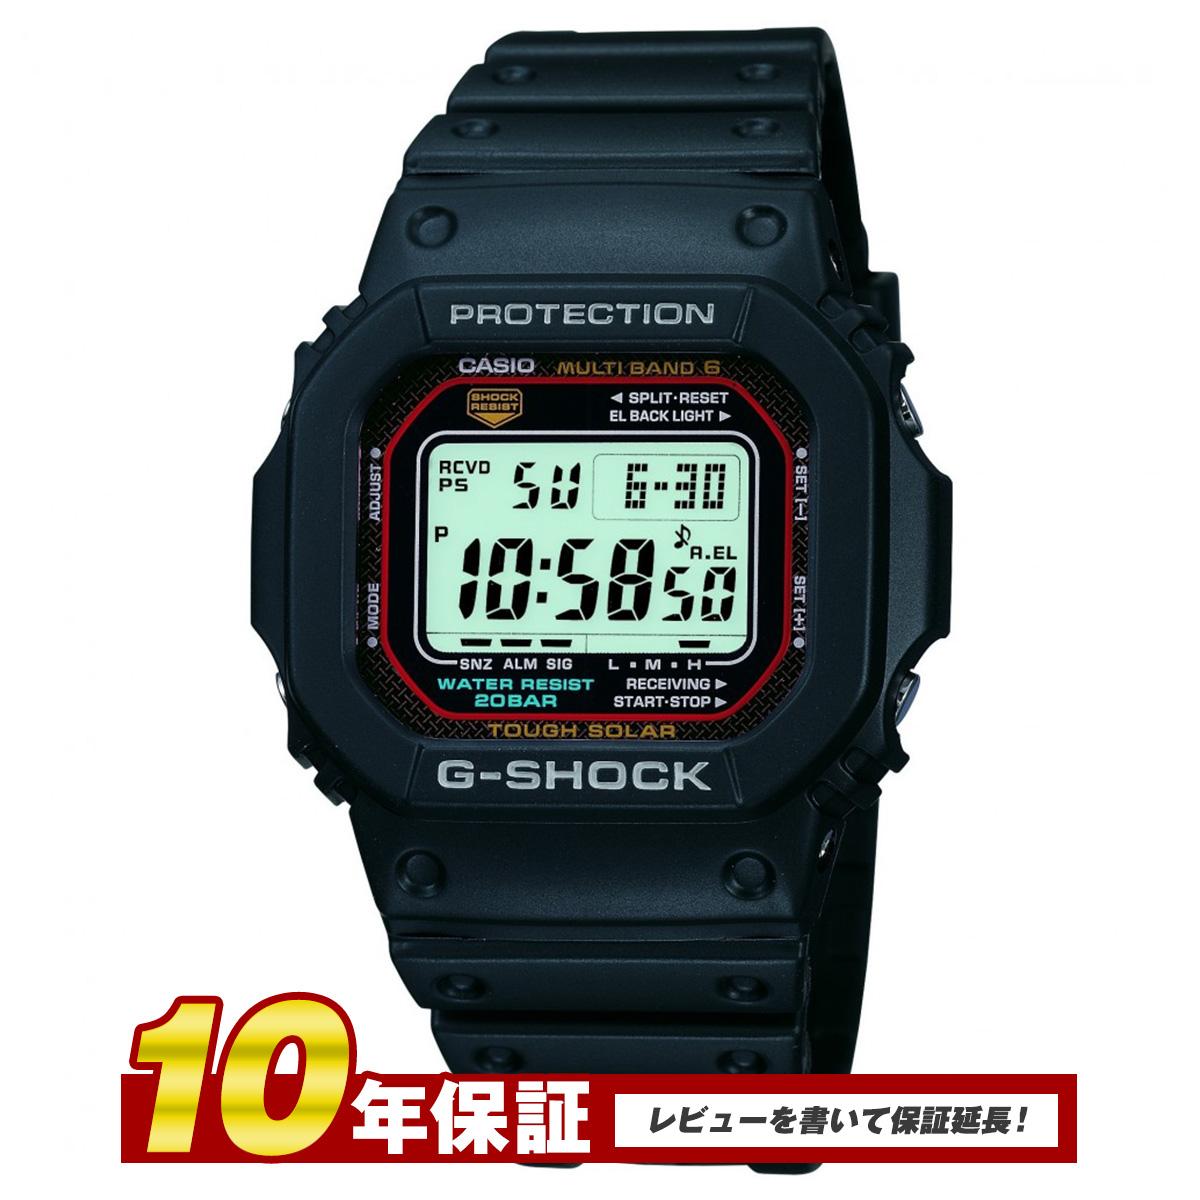 【10年保証】 Gショック G-SHOCK ジーショック カシオ CASIO gw-m5610-1 メンズ 時計 腕時計 ソーラー ソーラー電波